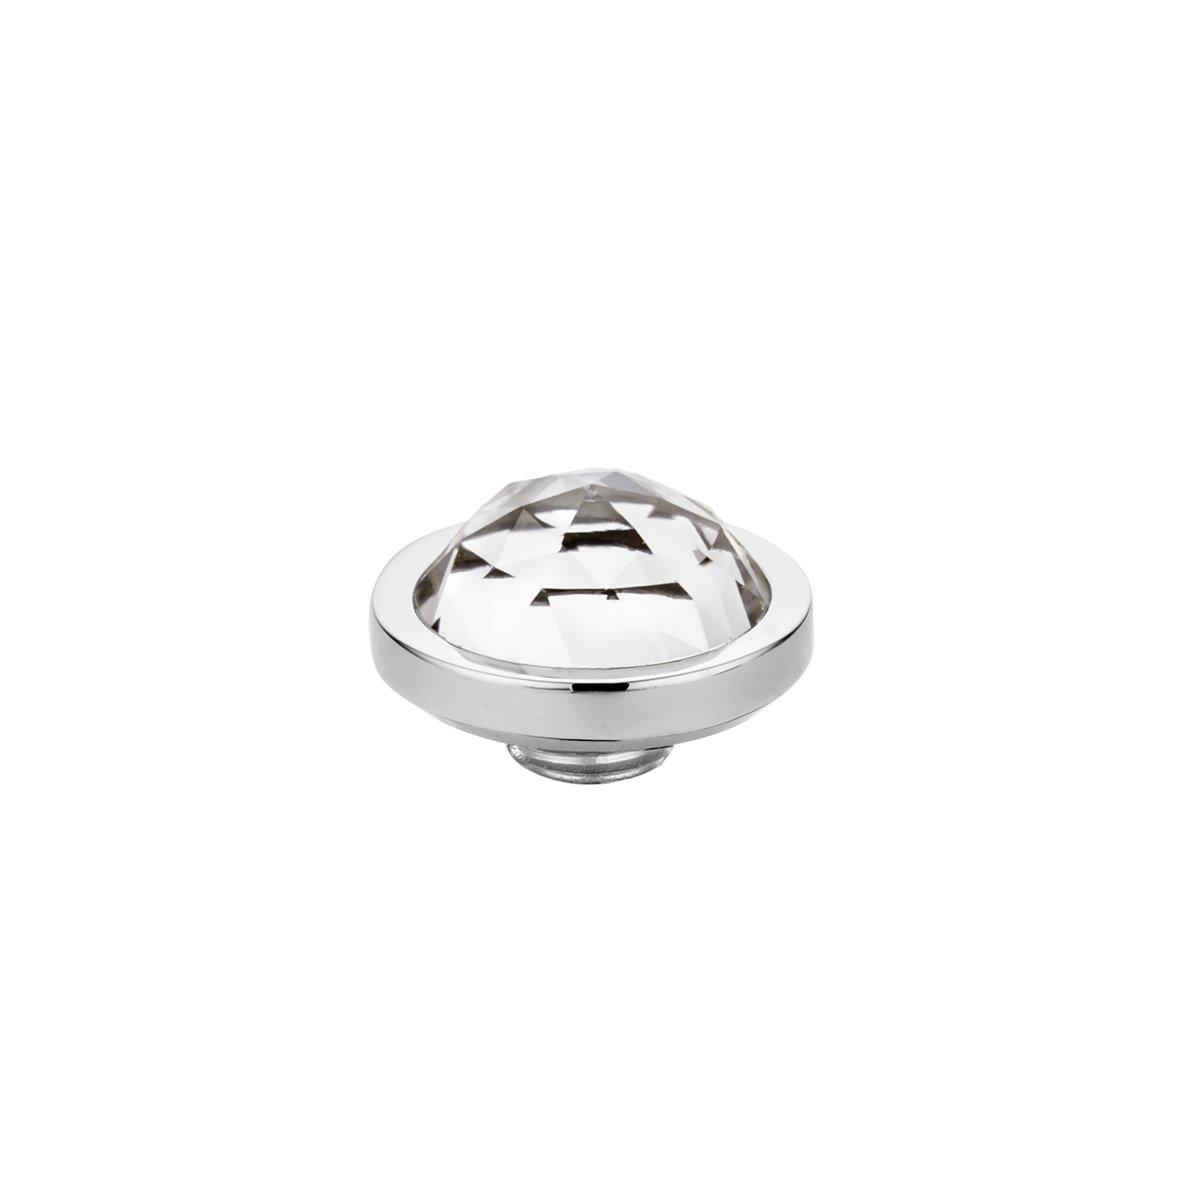 Melano vivid facet steentje - crystal - dames - zilverkleurig - 8mm kopen